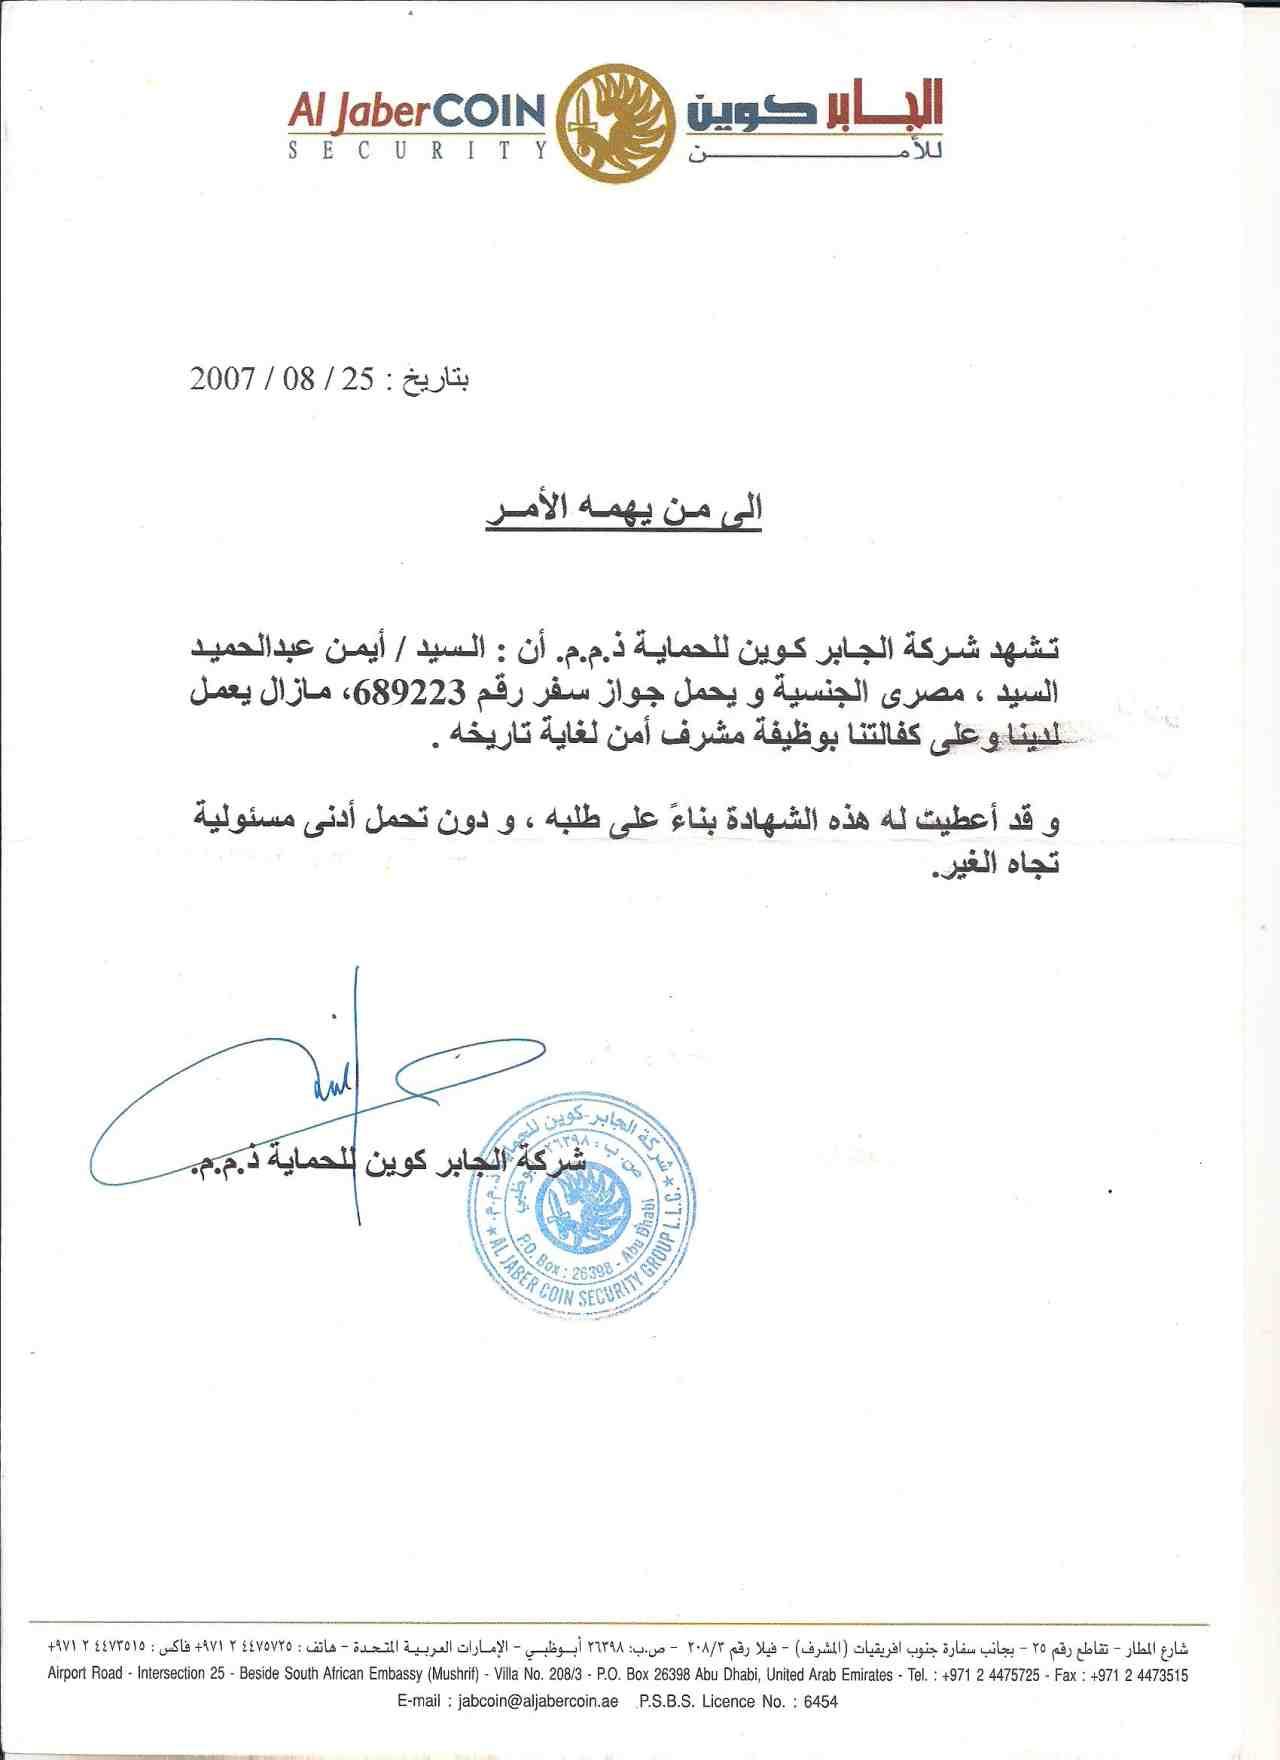 al jaber coin security group llc abu dhabi